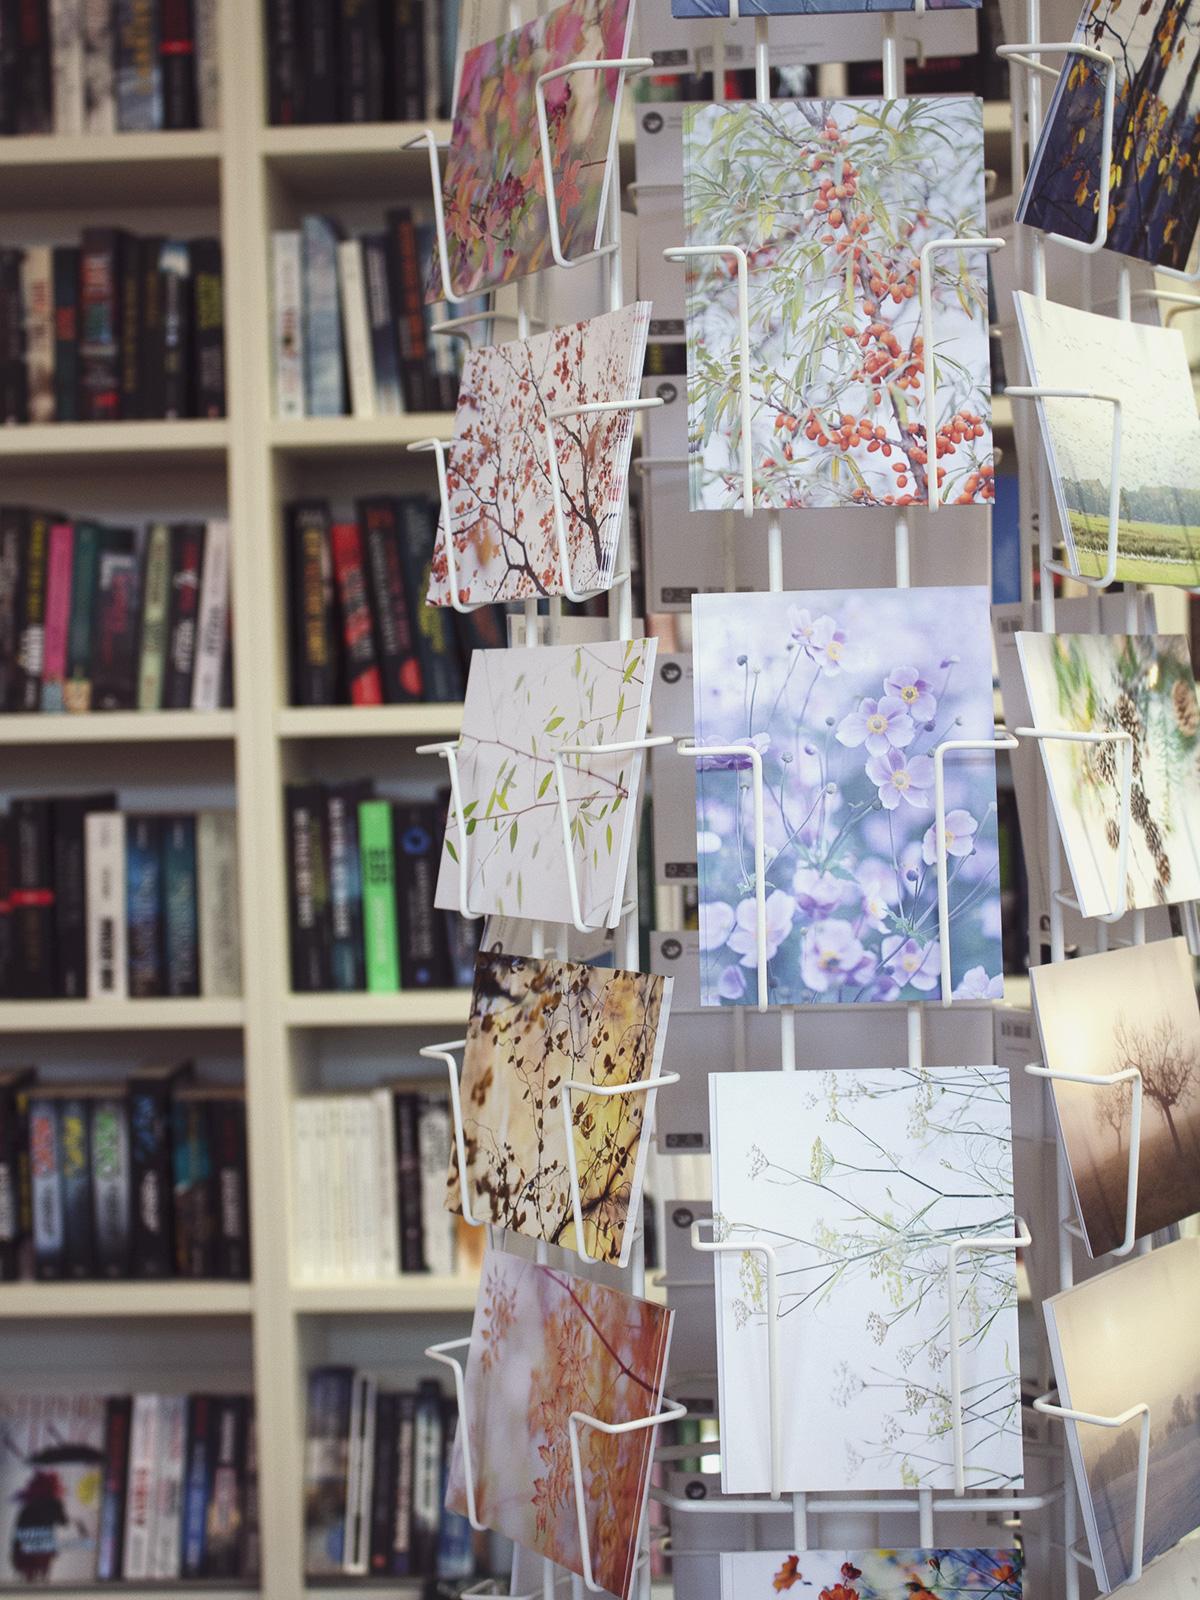 Herbstliche farbenfrohe Postkarten in einem Postkartenständer vor einer Bücherwand